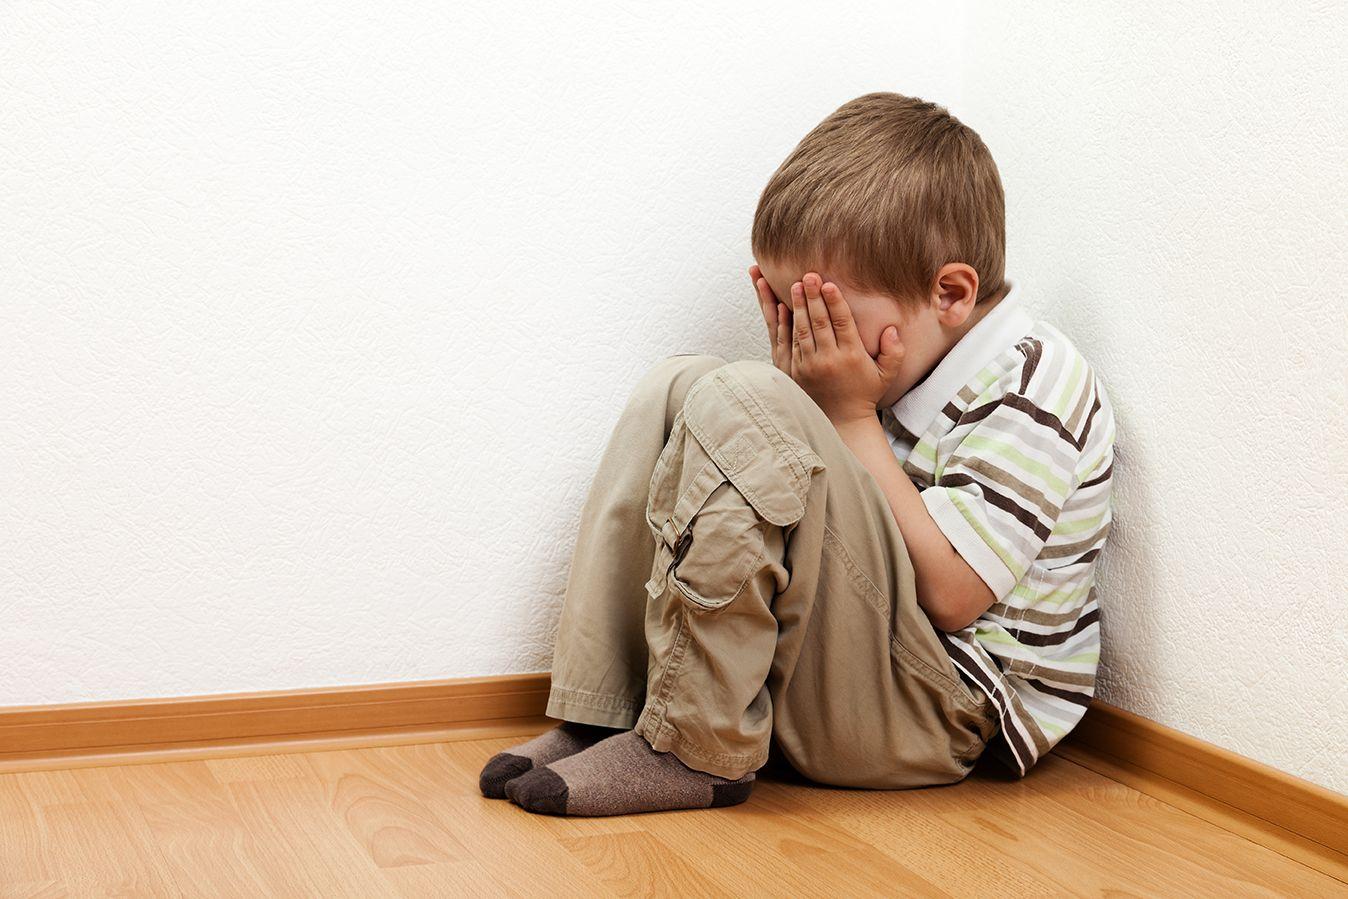 Trẻ em Hồng Kông bị trầm cảm do nguyên nhân nhiều cha mẹ Việt cũng mắc phải - 1